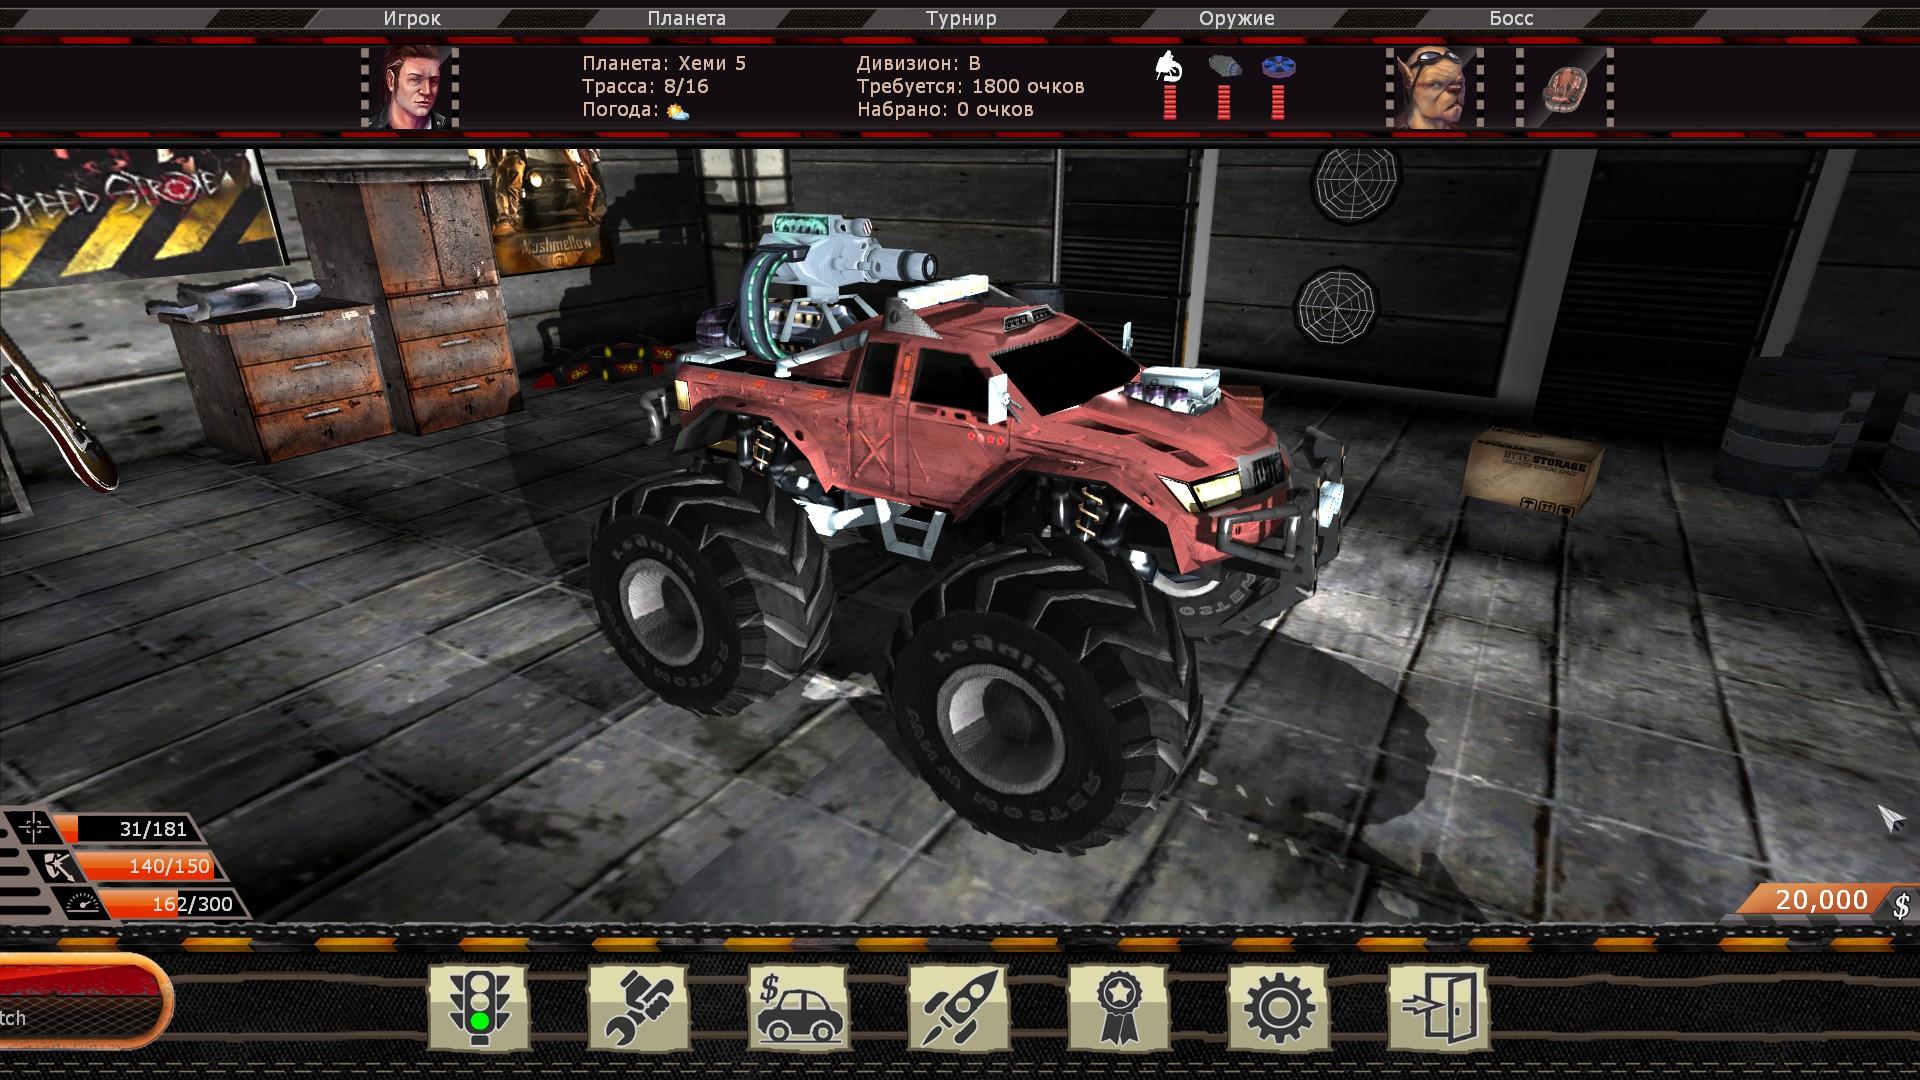 Галерея rock'n'roll racing 3d — gamer. Ru: социальная сеть для геймеров.